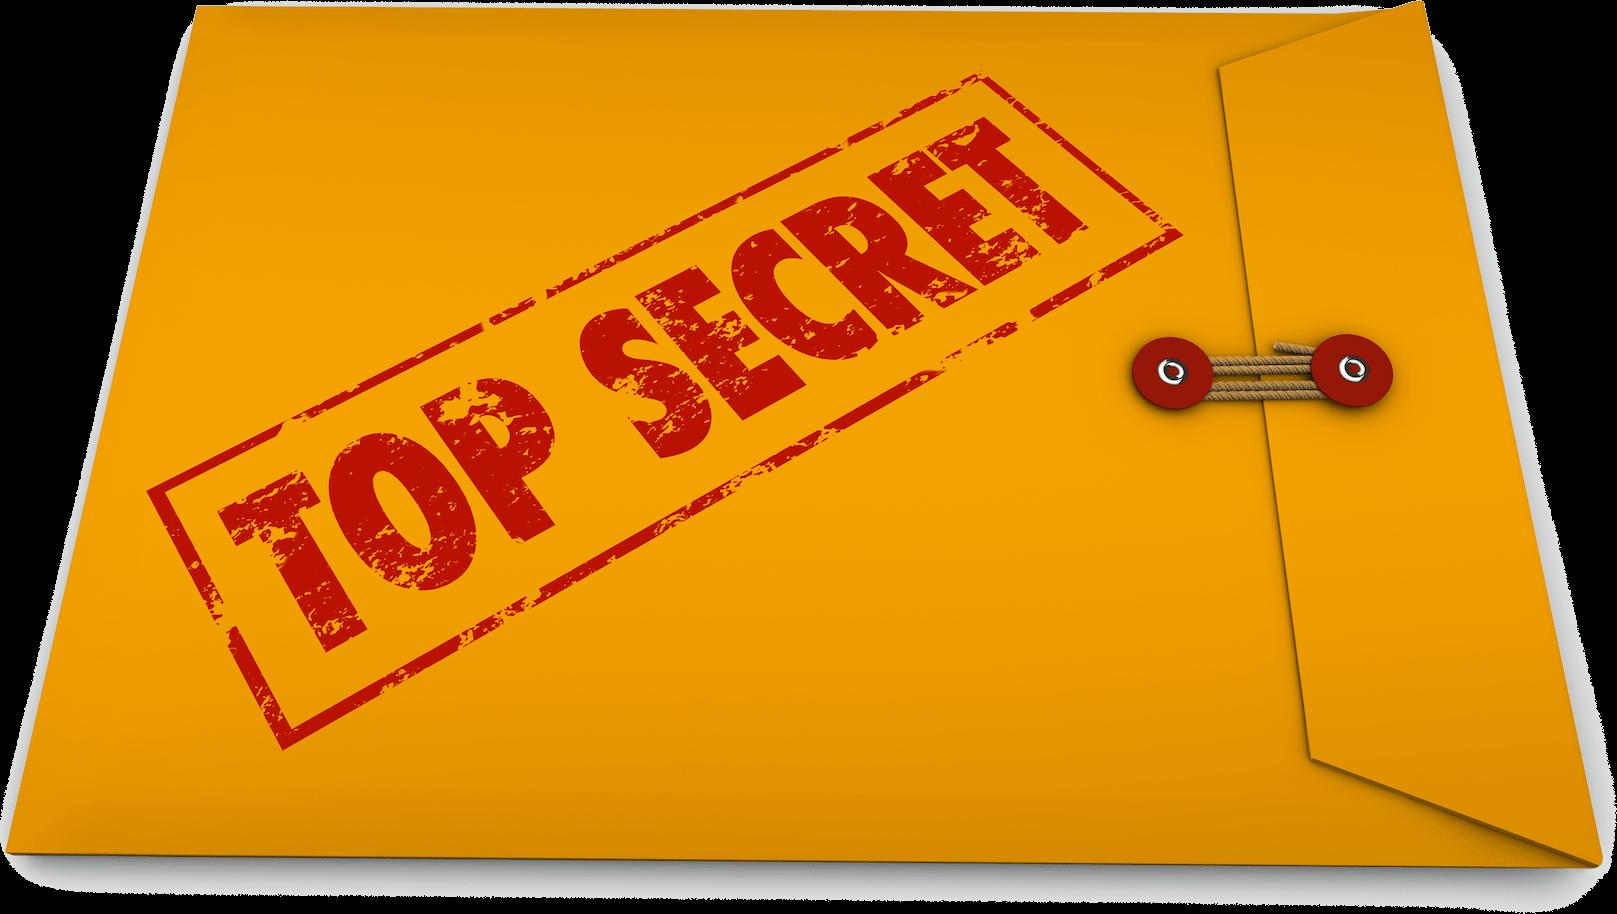 La Liste Secrète Anti Coronavirus - Que faut-il mettre de côté pour vous protéger de la pandémie, préparer une quarantaine et prendre soin de votre famille.